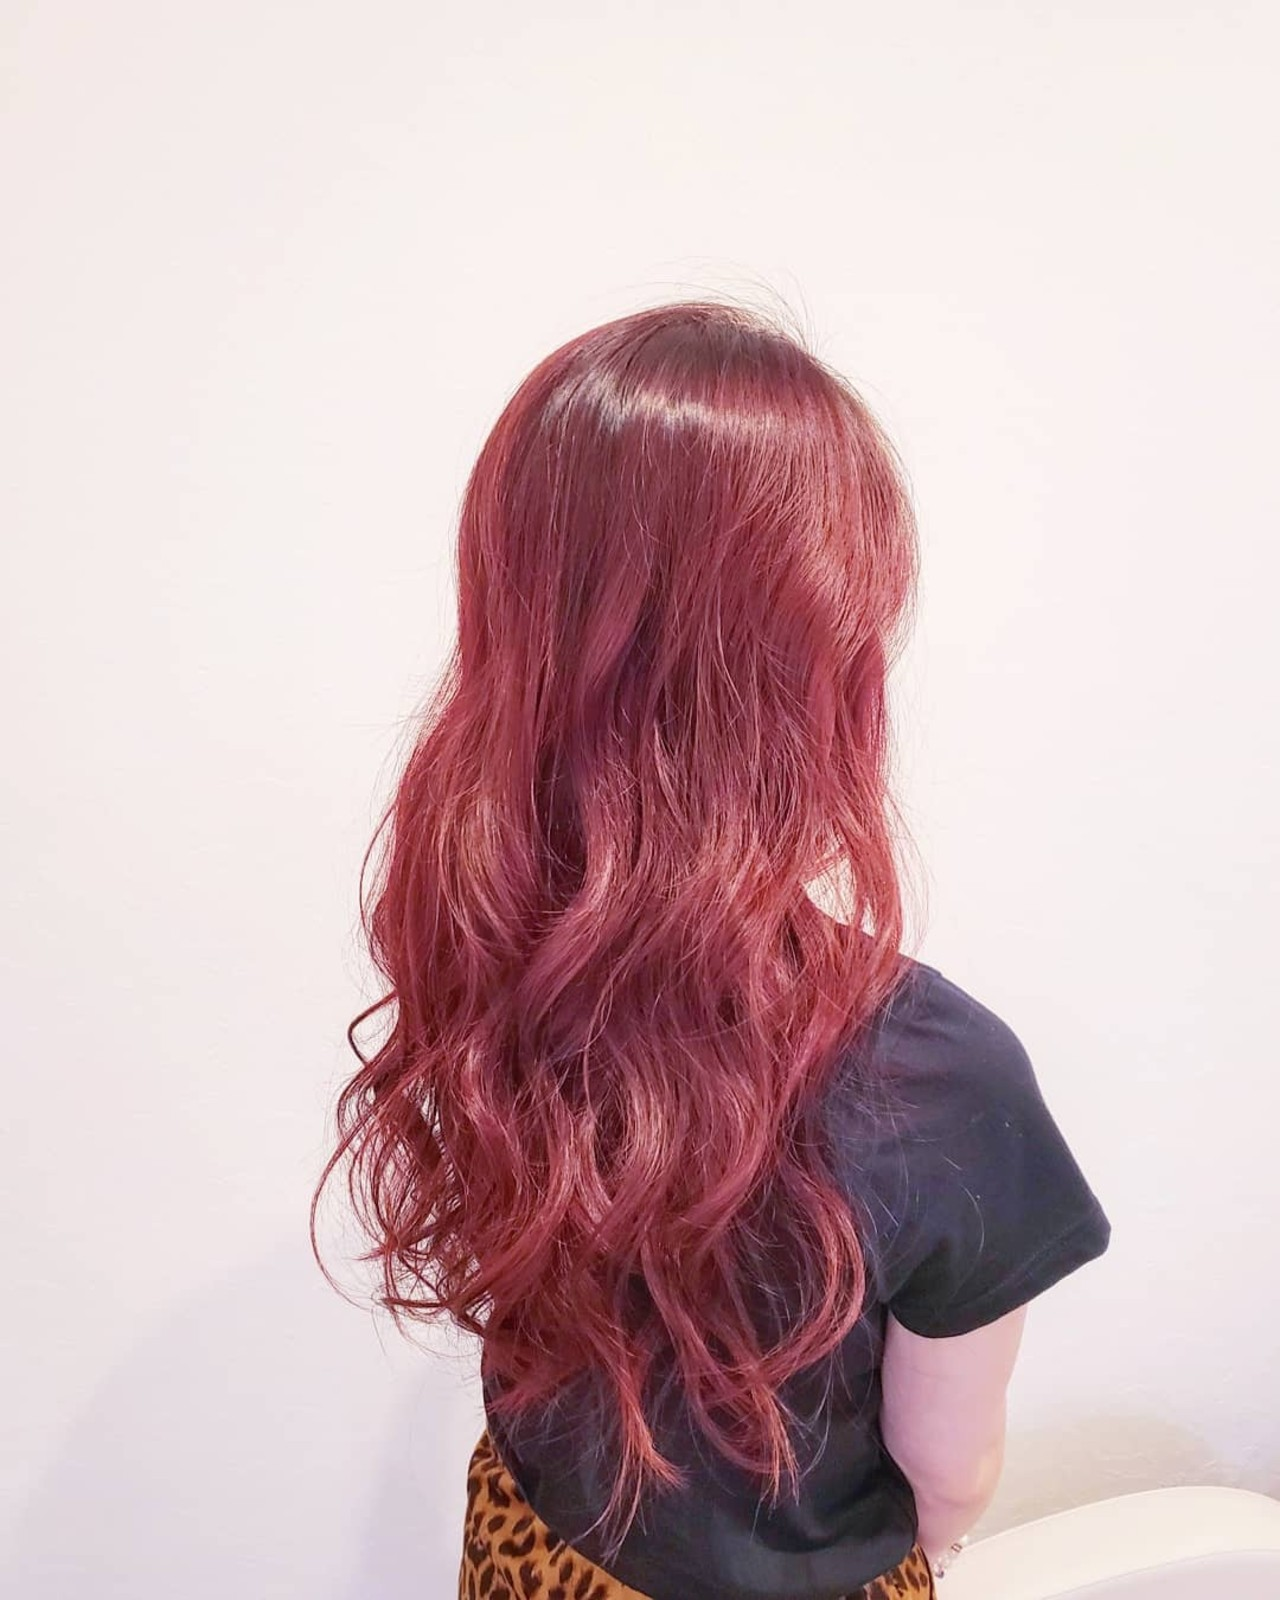 ハイトーン レッド ピンク ロング ヘアスタイルや髪型の写真・画像 | 浅原 有輝 / rough